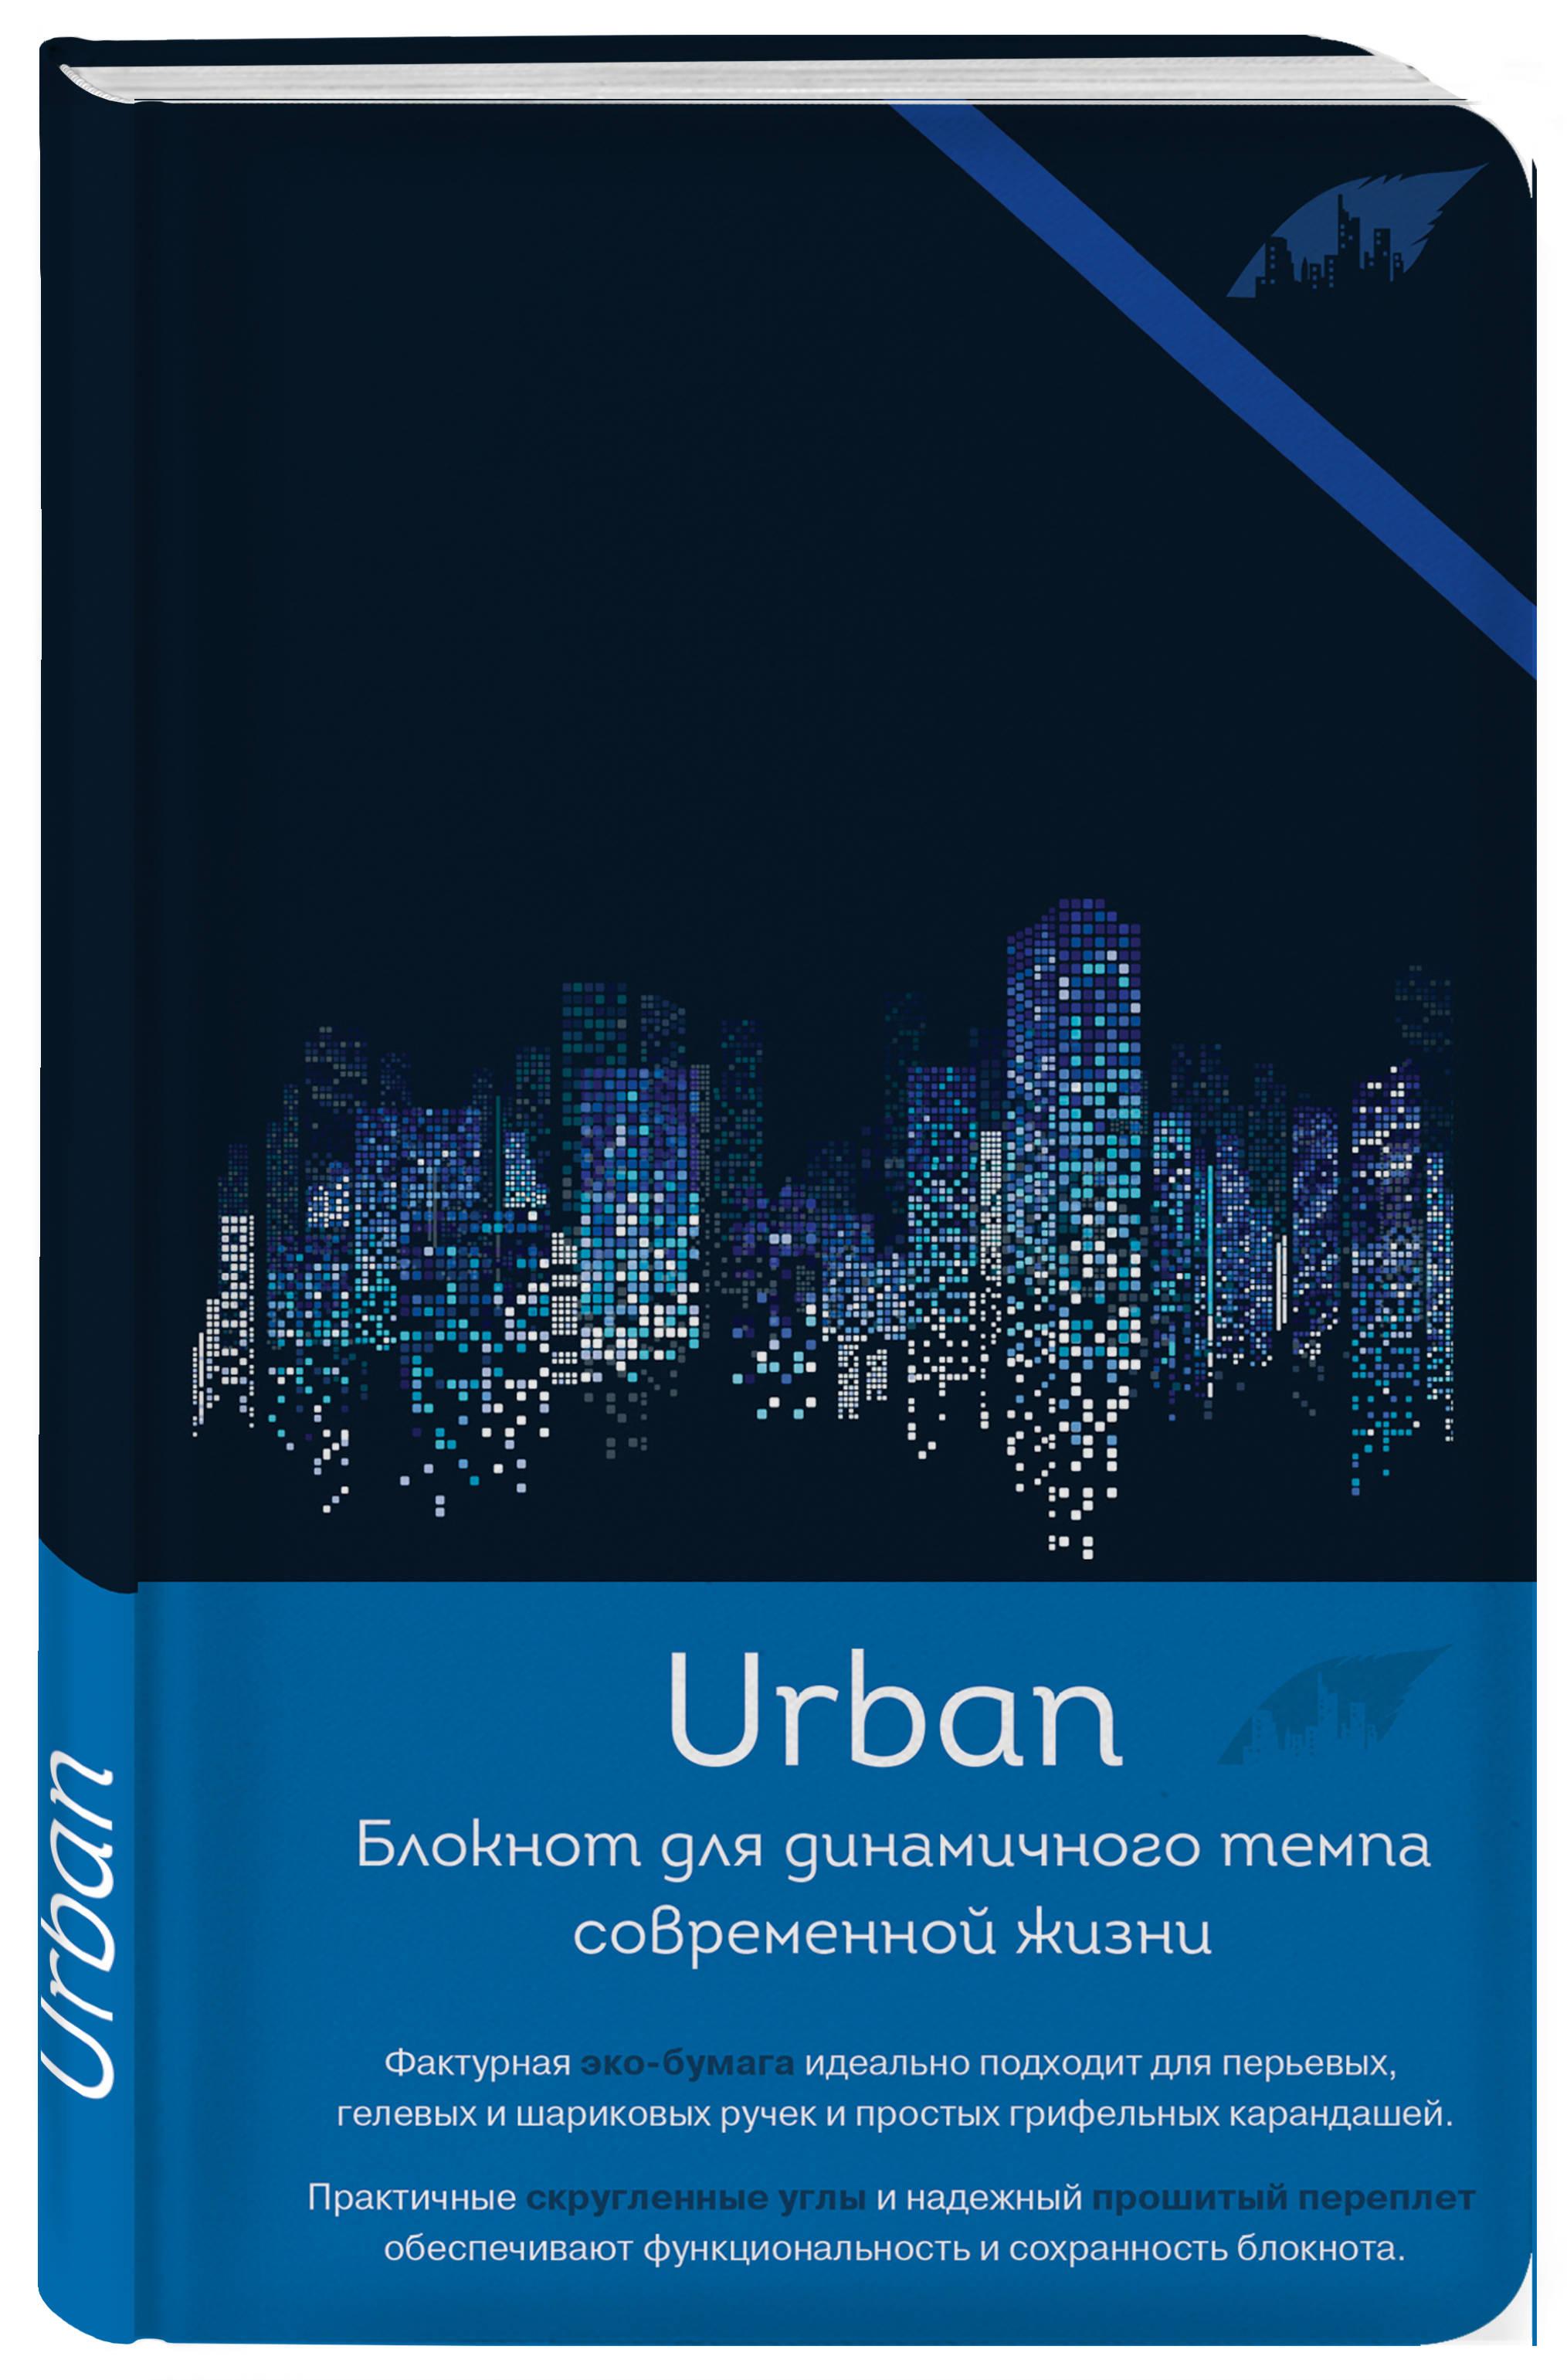 """Блокнот Urban """"Окна ночного города"""" монокуляр ночного видения bering optics urban patrol 1–2x15 цифровой"""